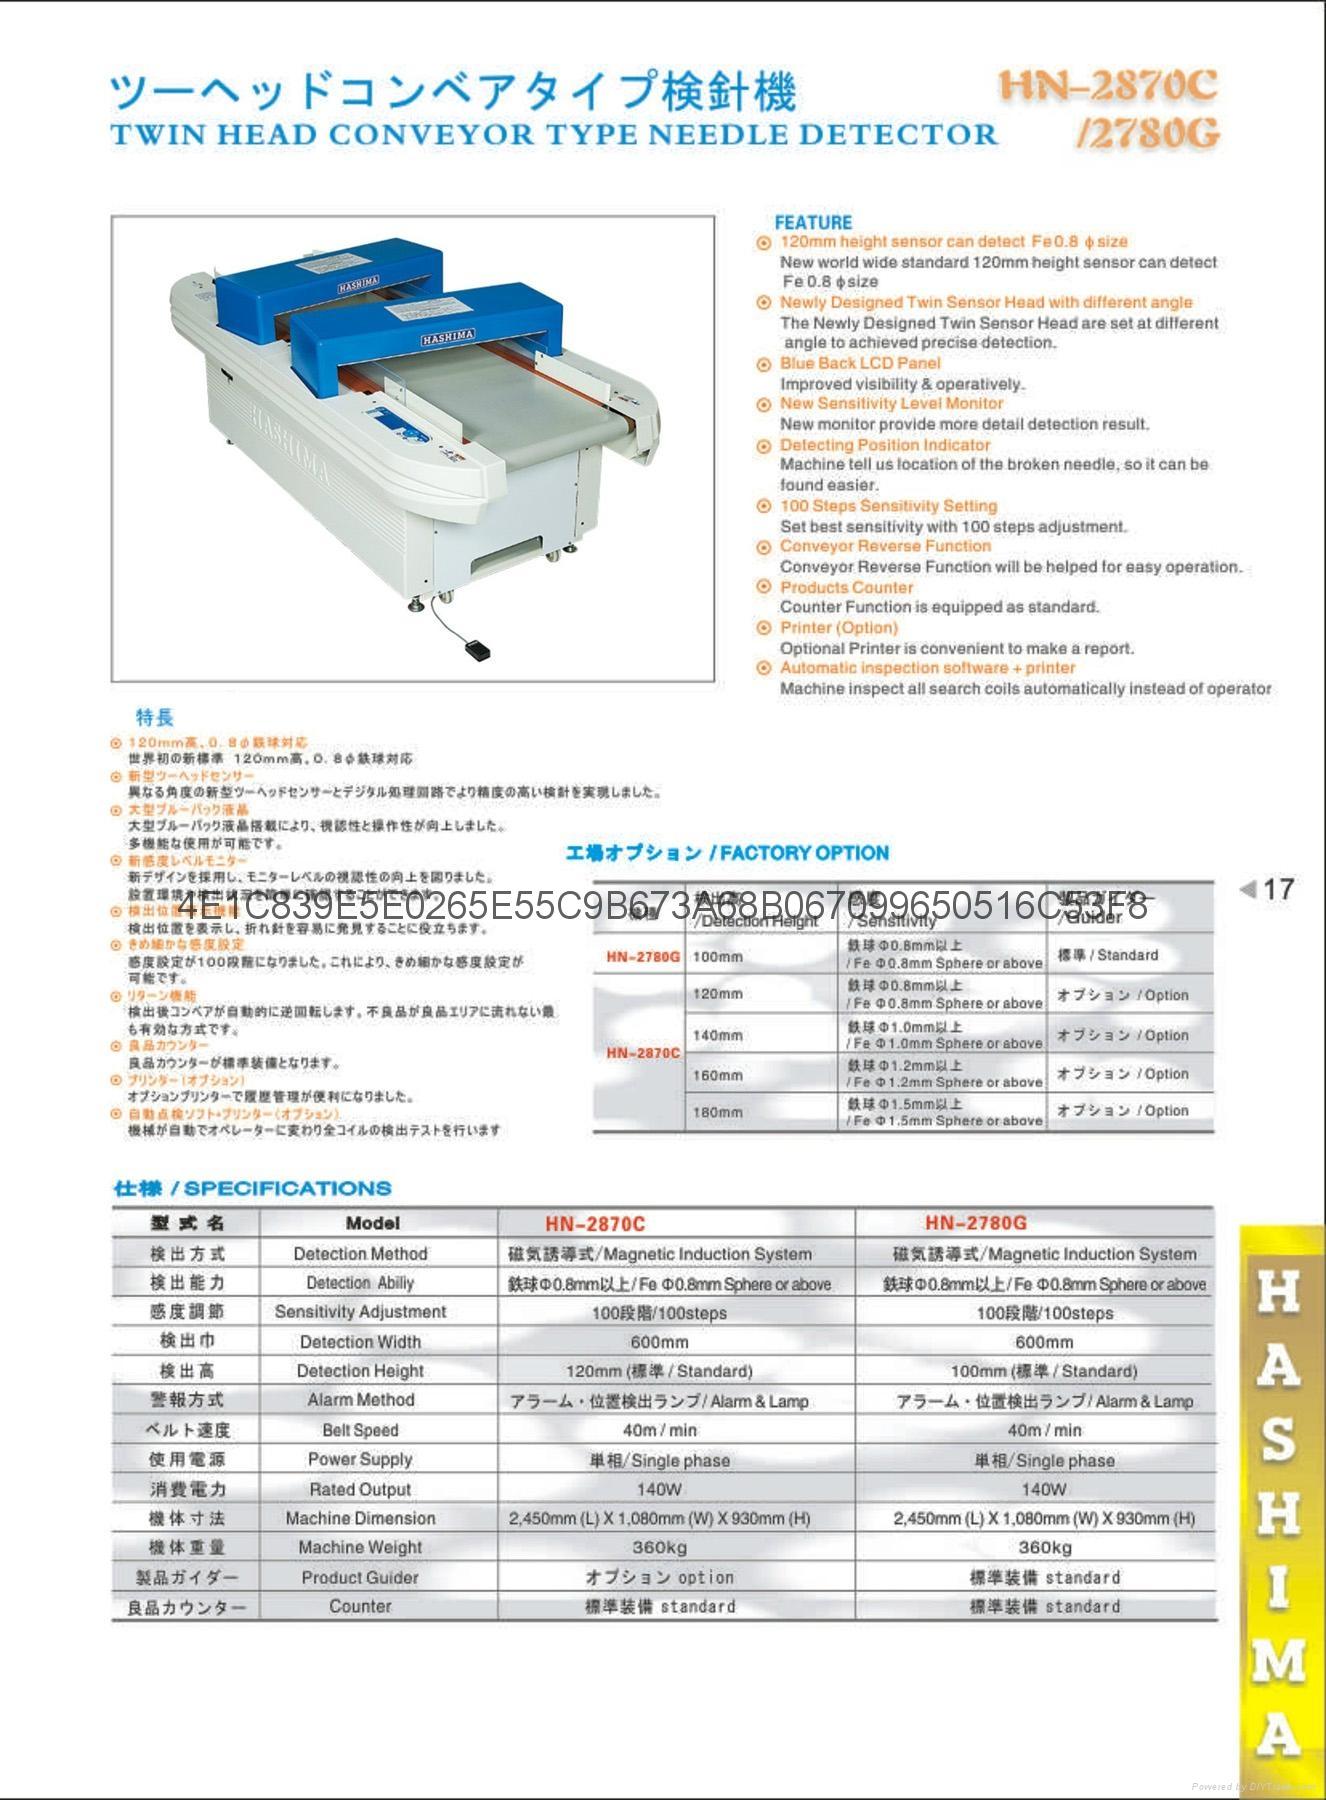 羽島HASHIMA檢針機 HN-2870C雙探頭傳送帶式檢針機 HN-2780G 3